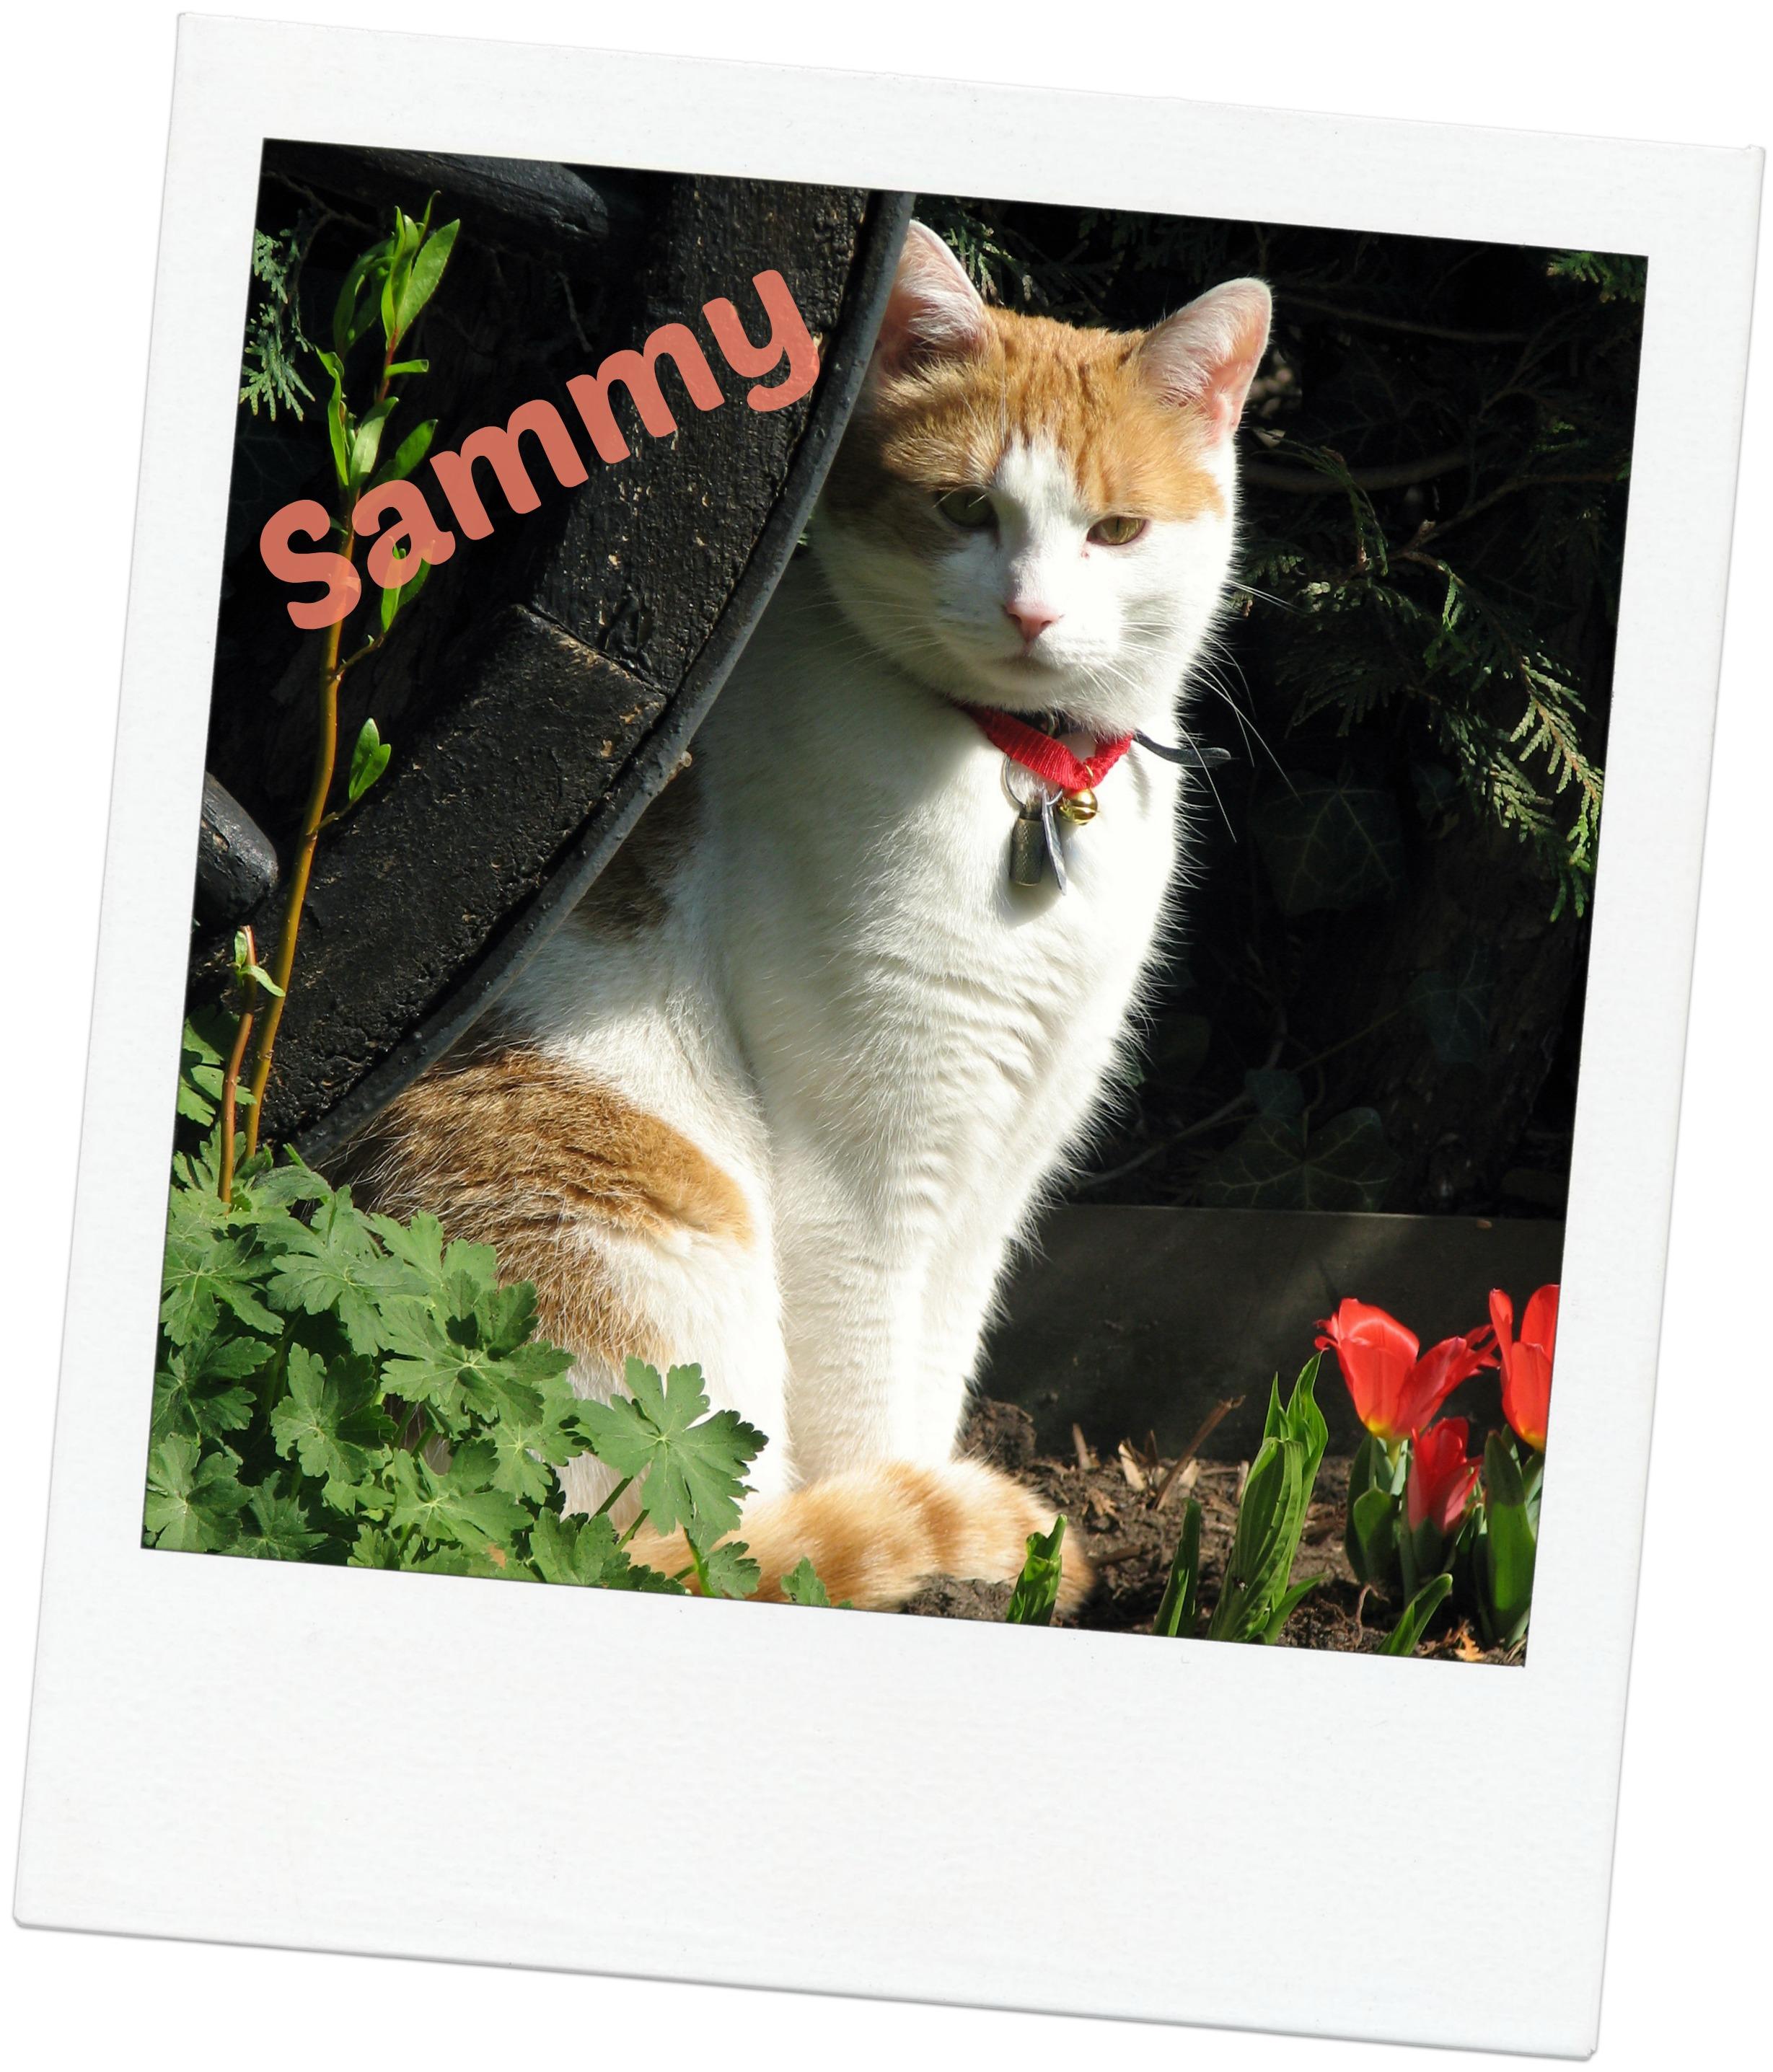 Sammy blog